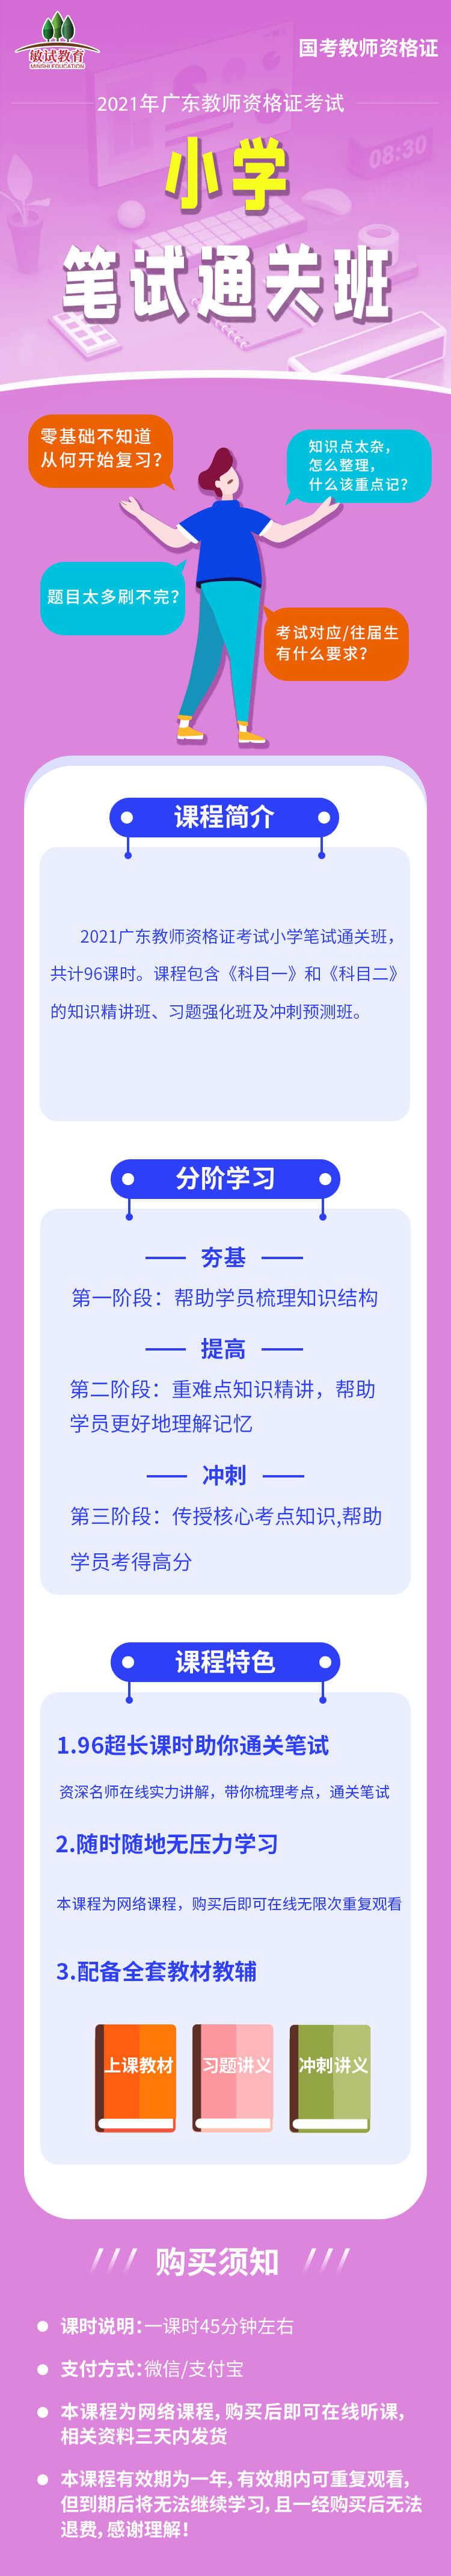 2021广东教师资格证考试培训班:小学笔试通关班